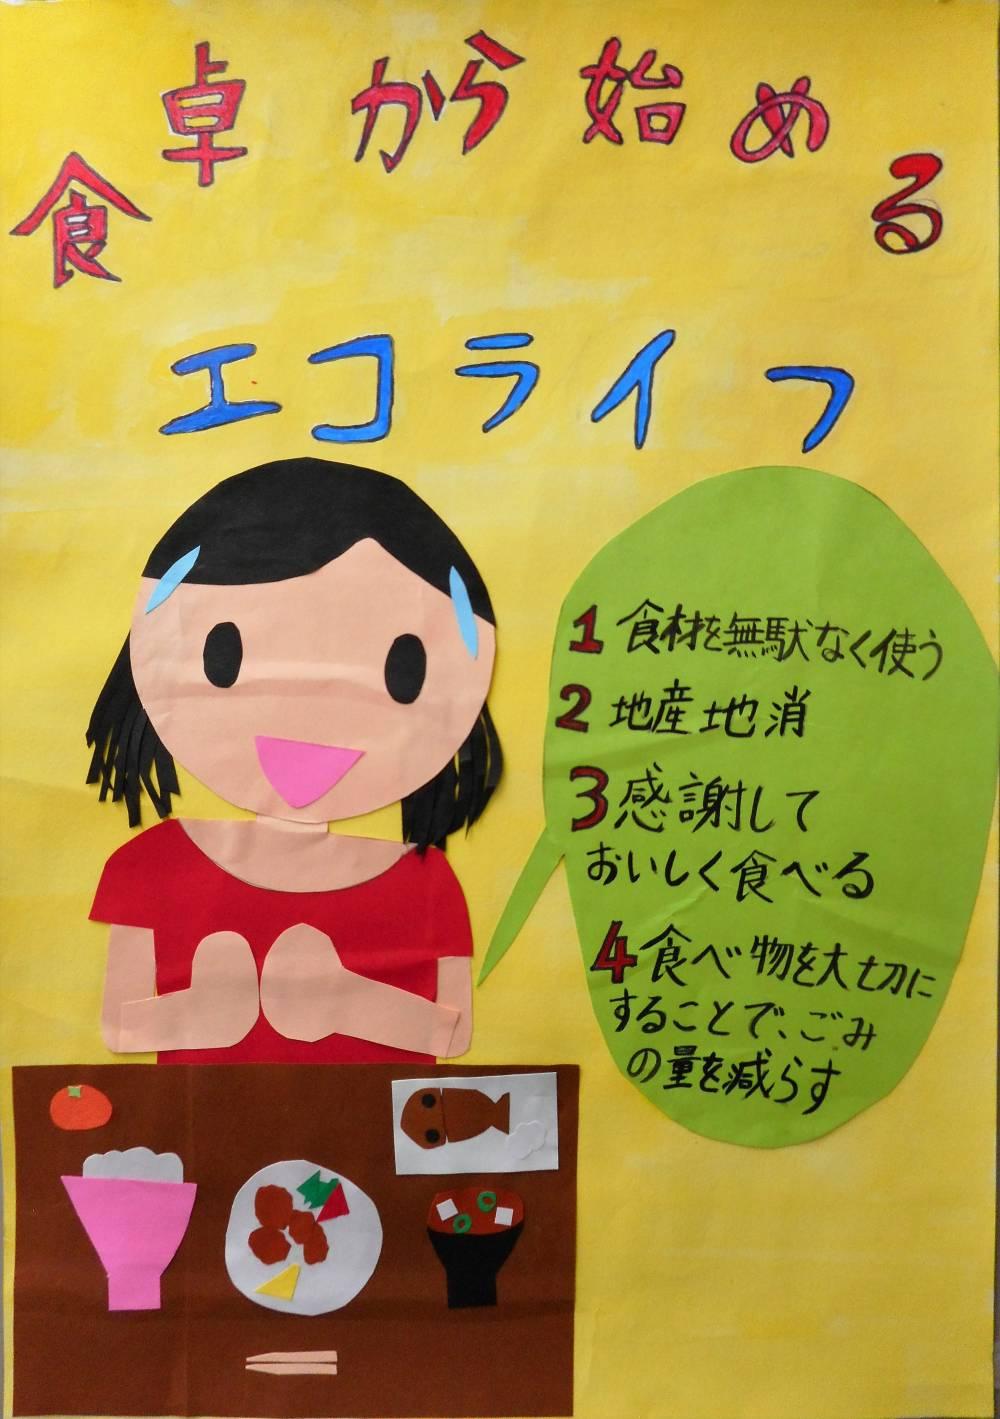 小学生の部11 二見賞 足柄小5年 長野伊波さん